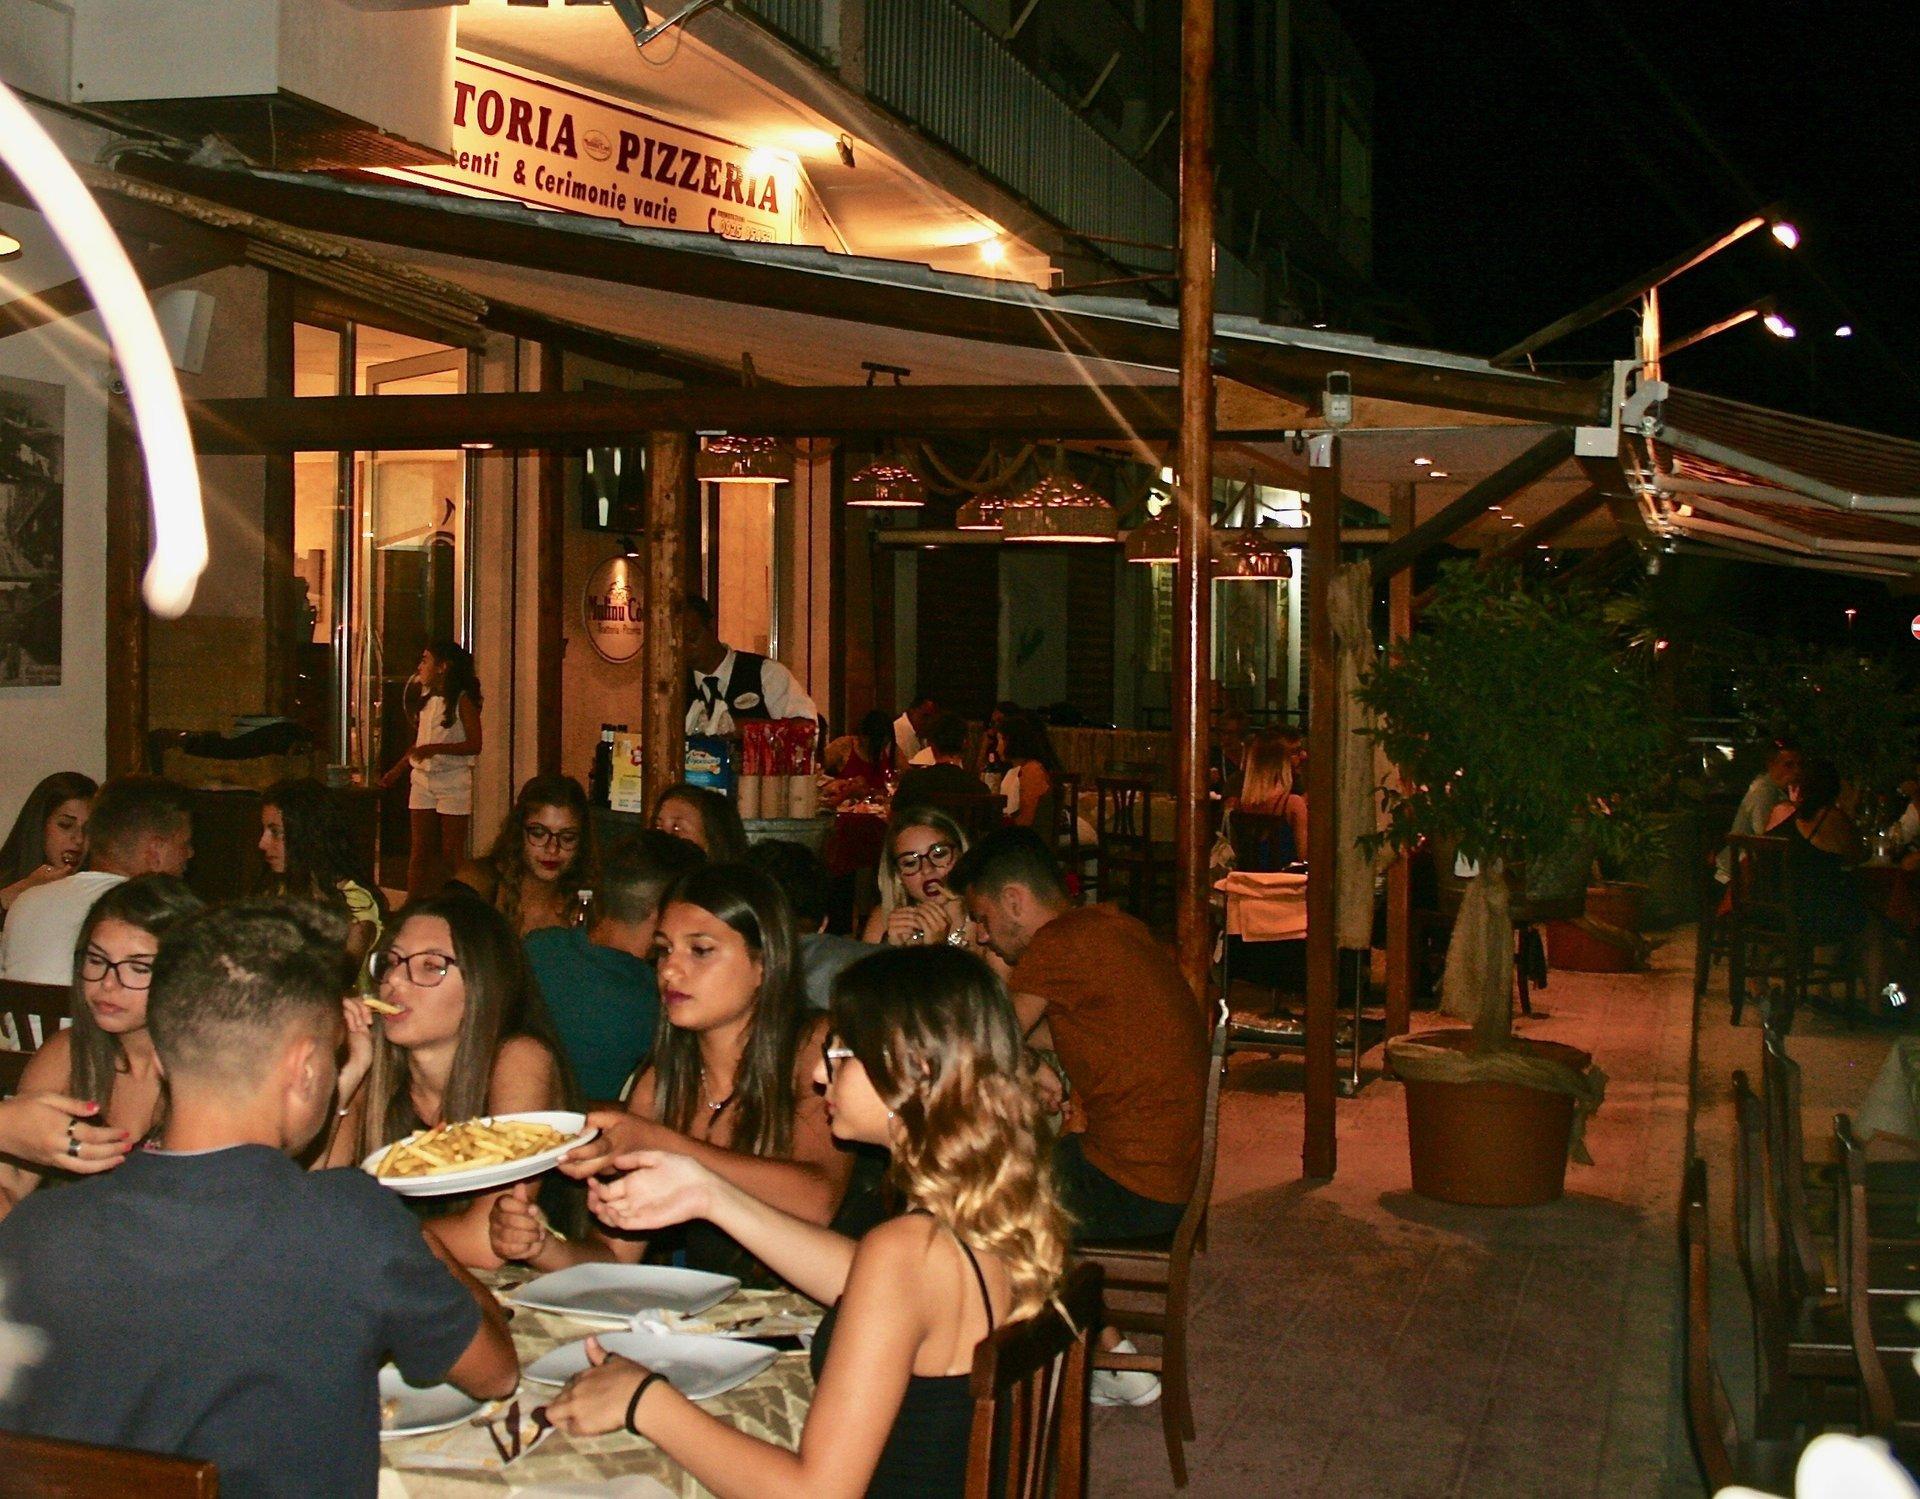 Esterno della pizzeria con dei cliente che mangiano